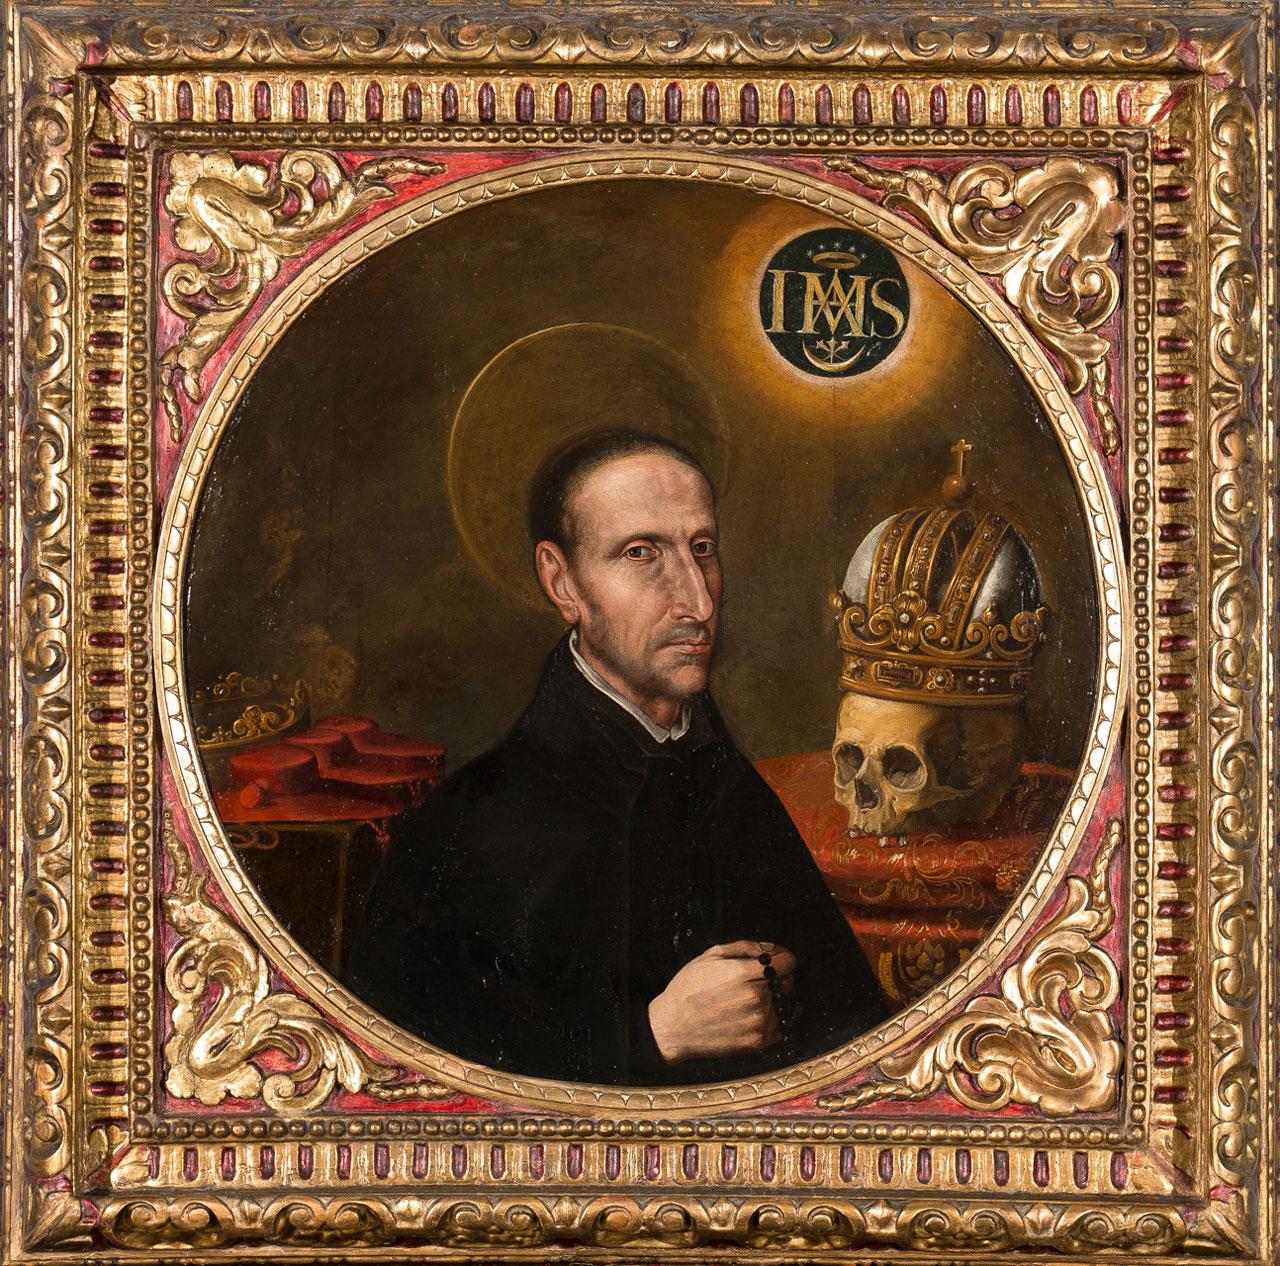 Retrato de São Francisco de Borja